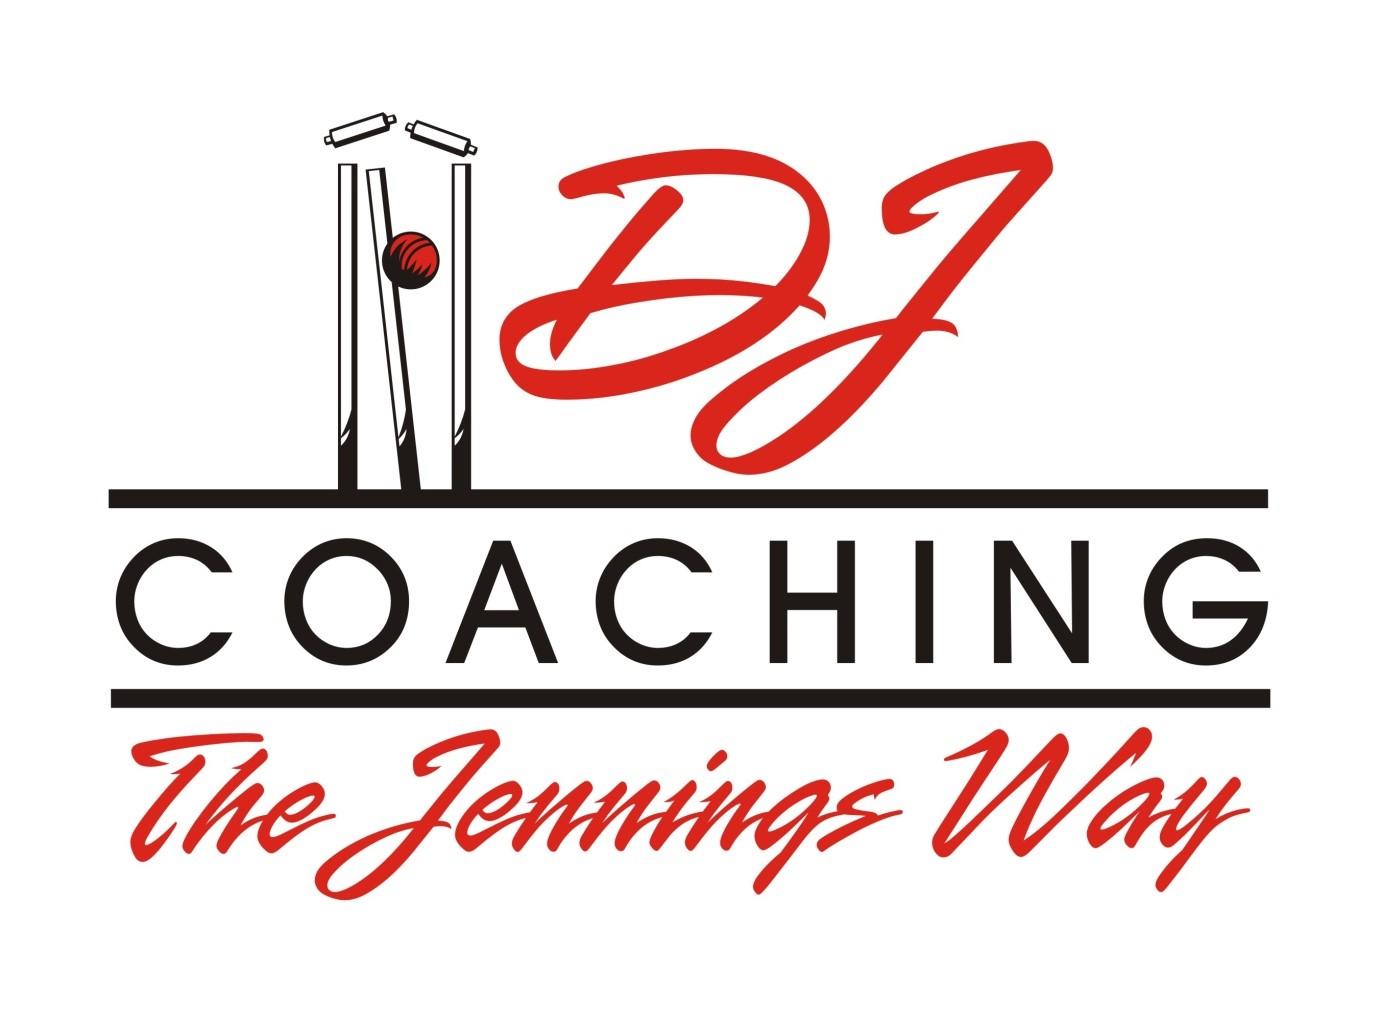 djcoaching